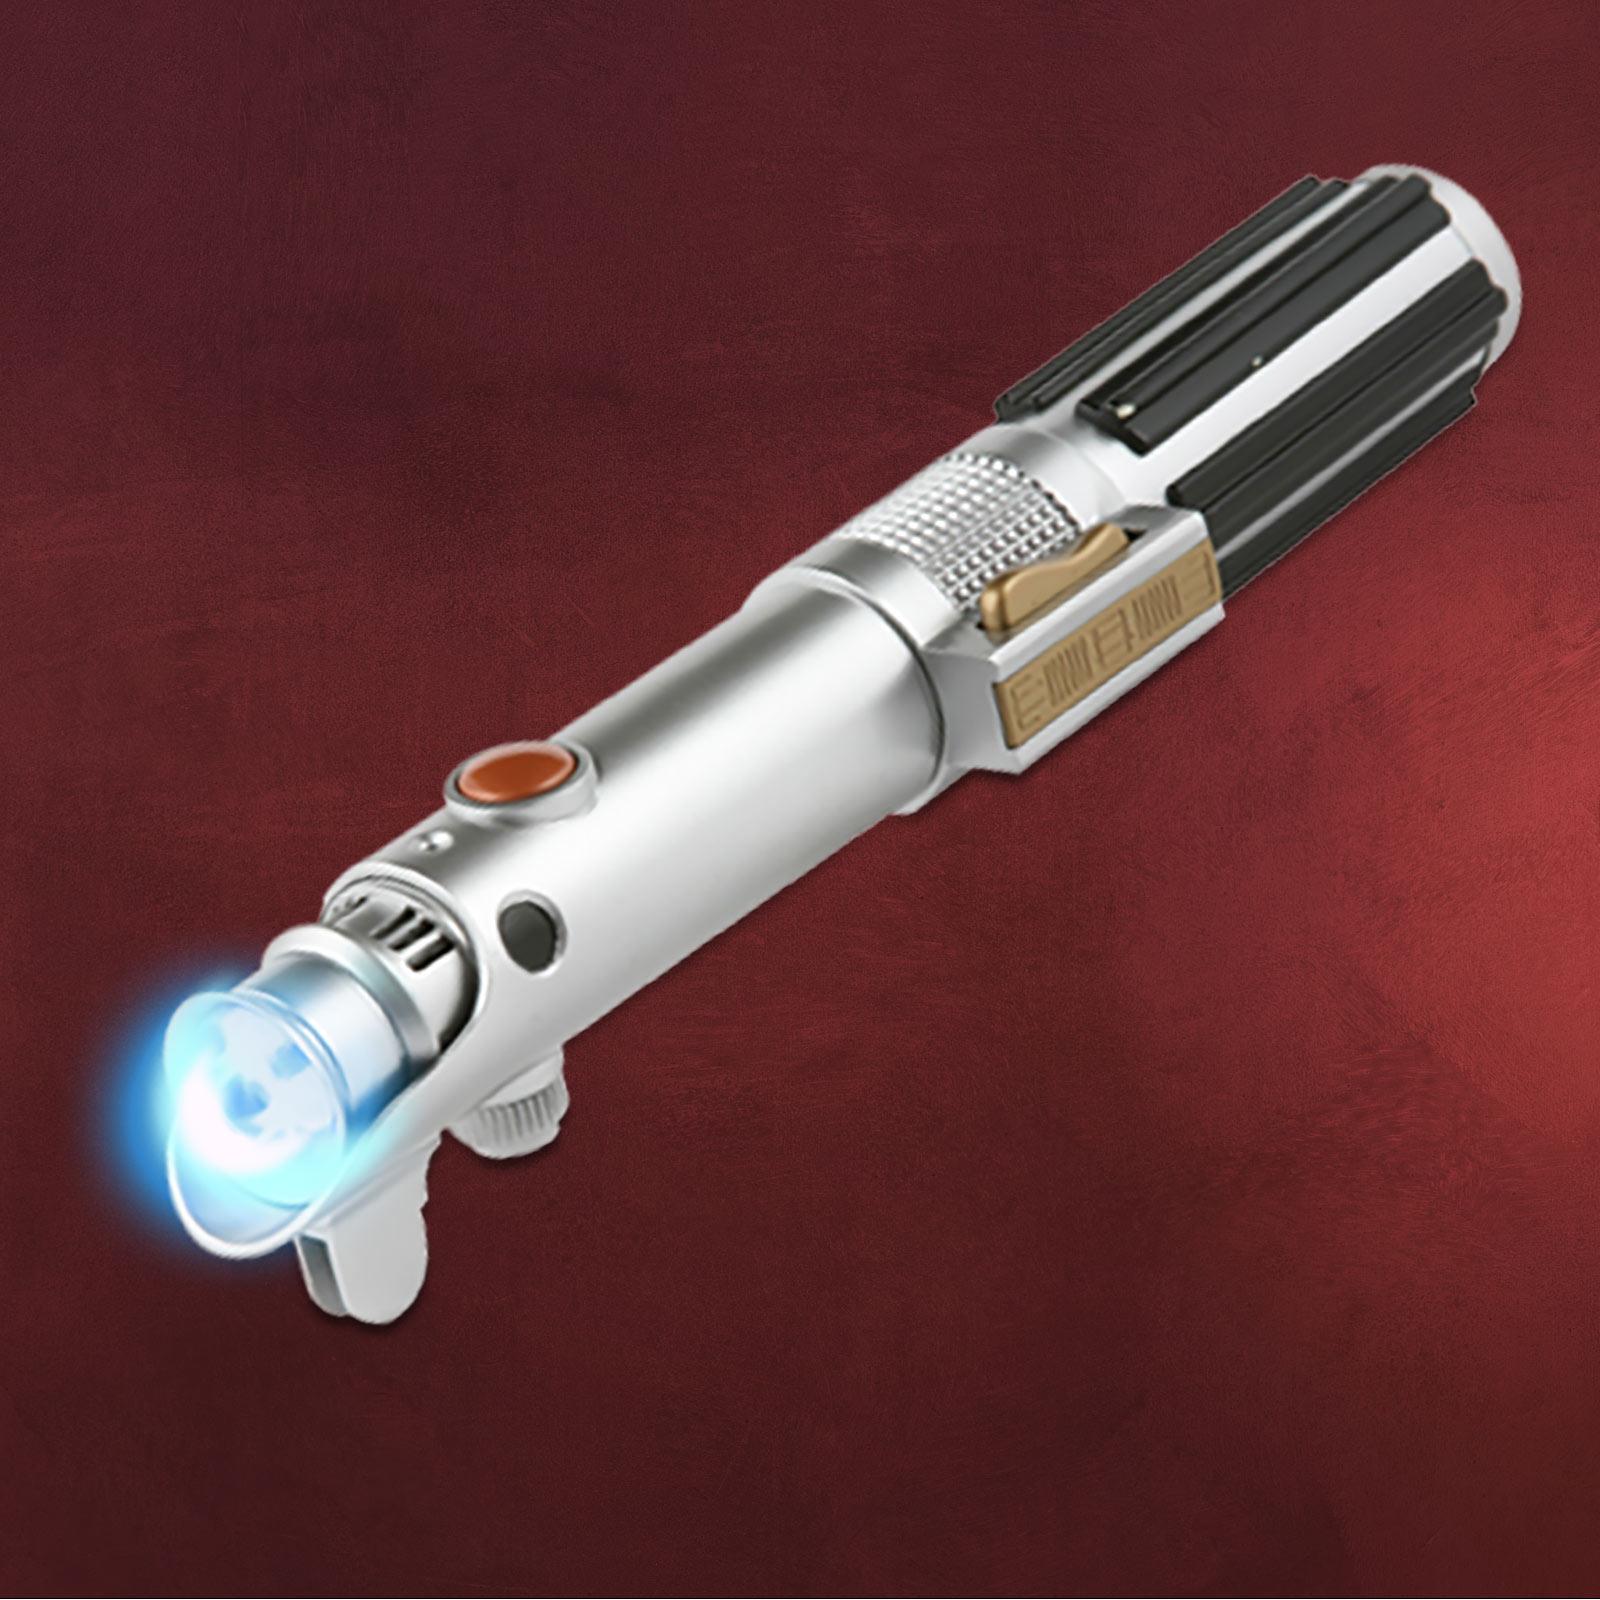 star wars lichtschwert taschenlampe mit sound anakin skywalker lichtstrahl blau. Black Bedroom Furniture Sets. Home Design Ideas